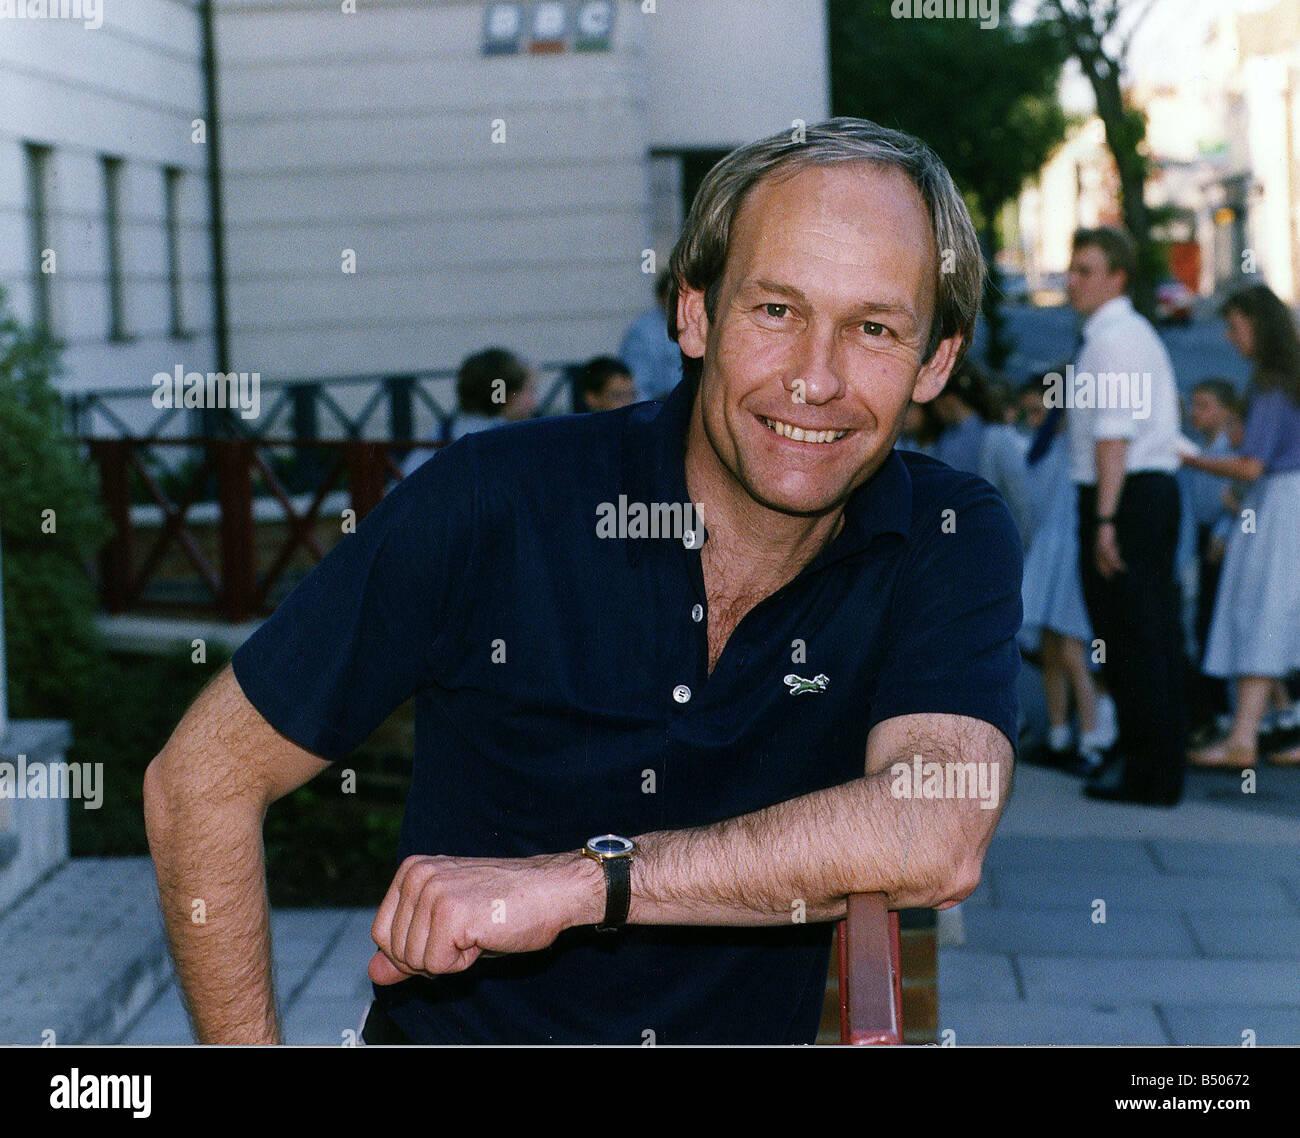 Mike D Abo Disc Jockey Singer Member of Manfred Mann pop group - Stock Image